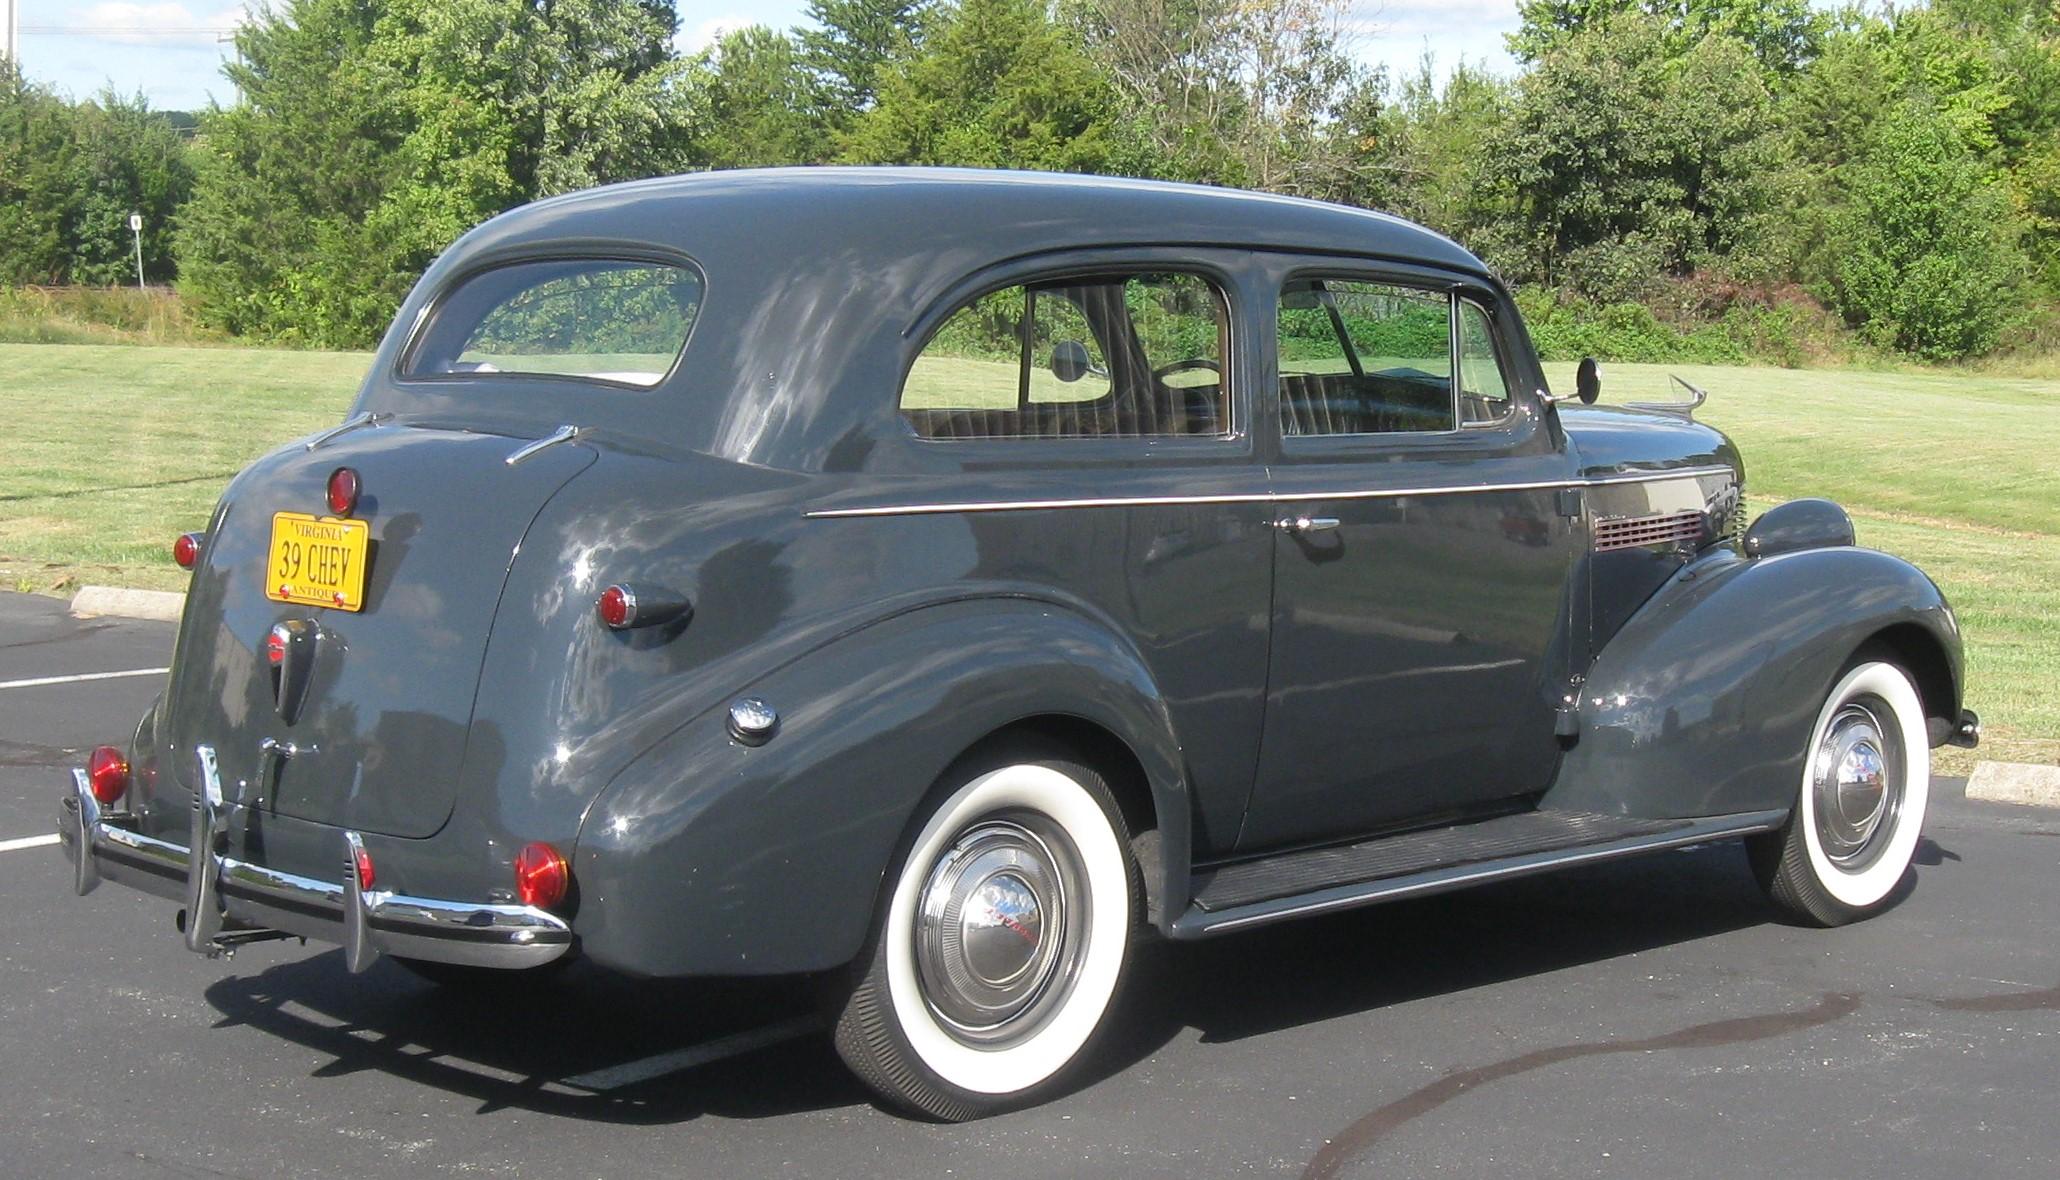 1939-chevrolet-town-sedan-85-horsepower-2.jpg